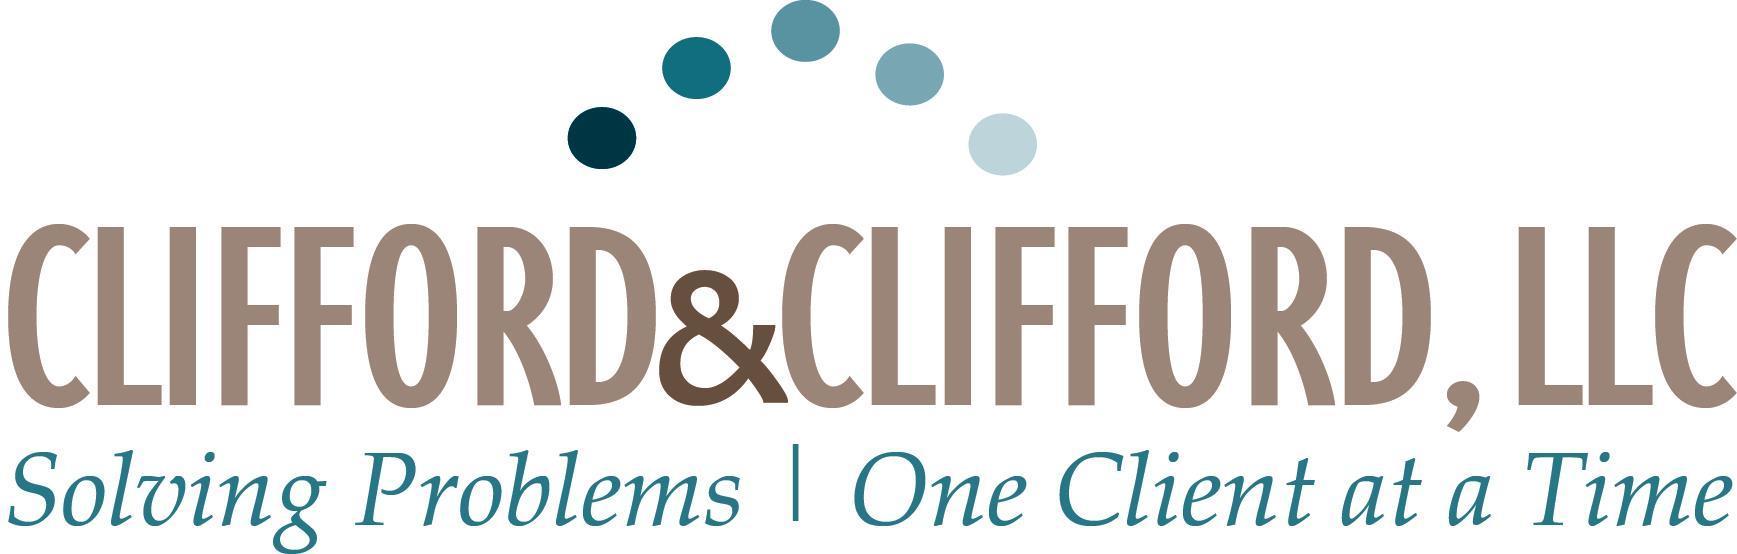 Clifford & Clifford, LLC